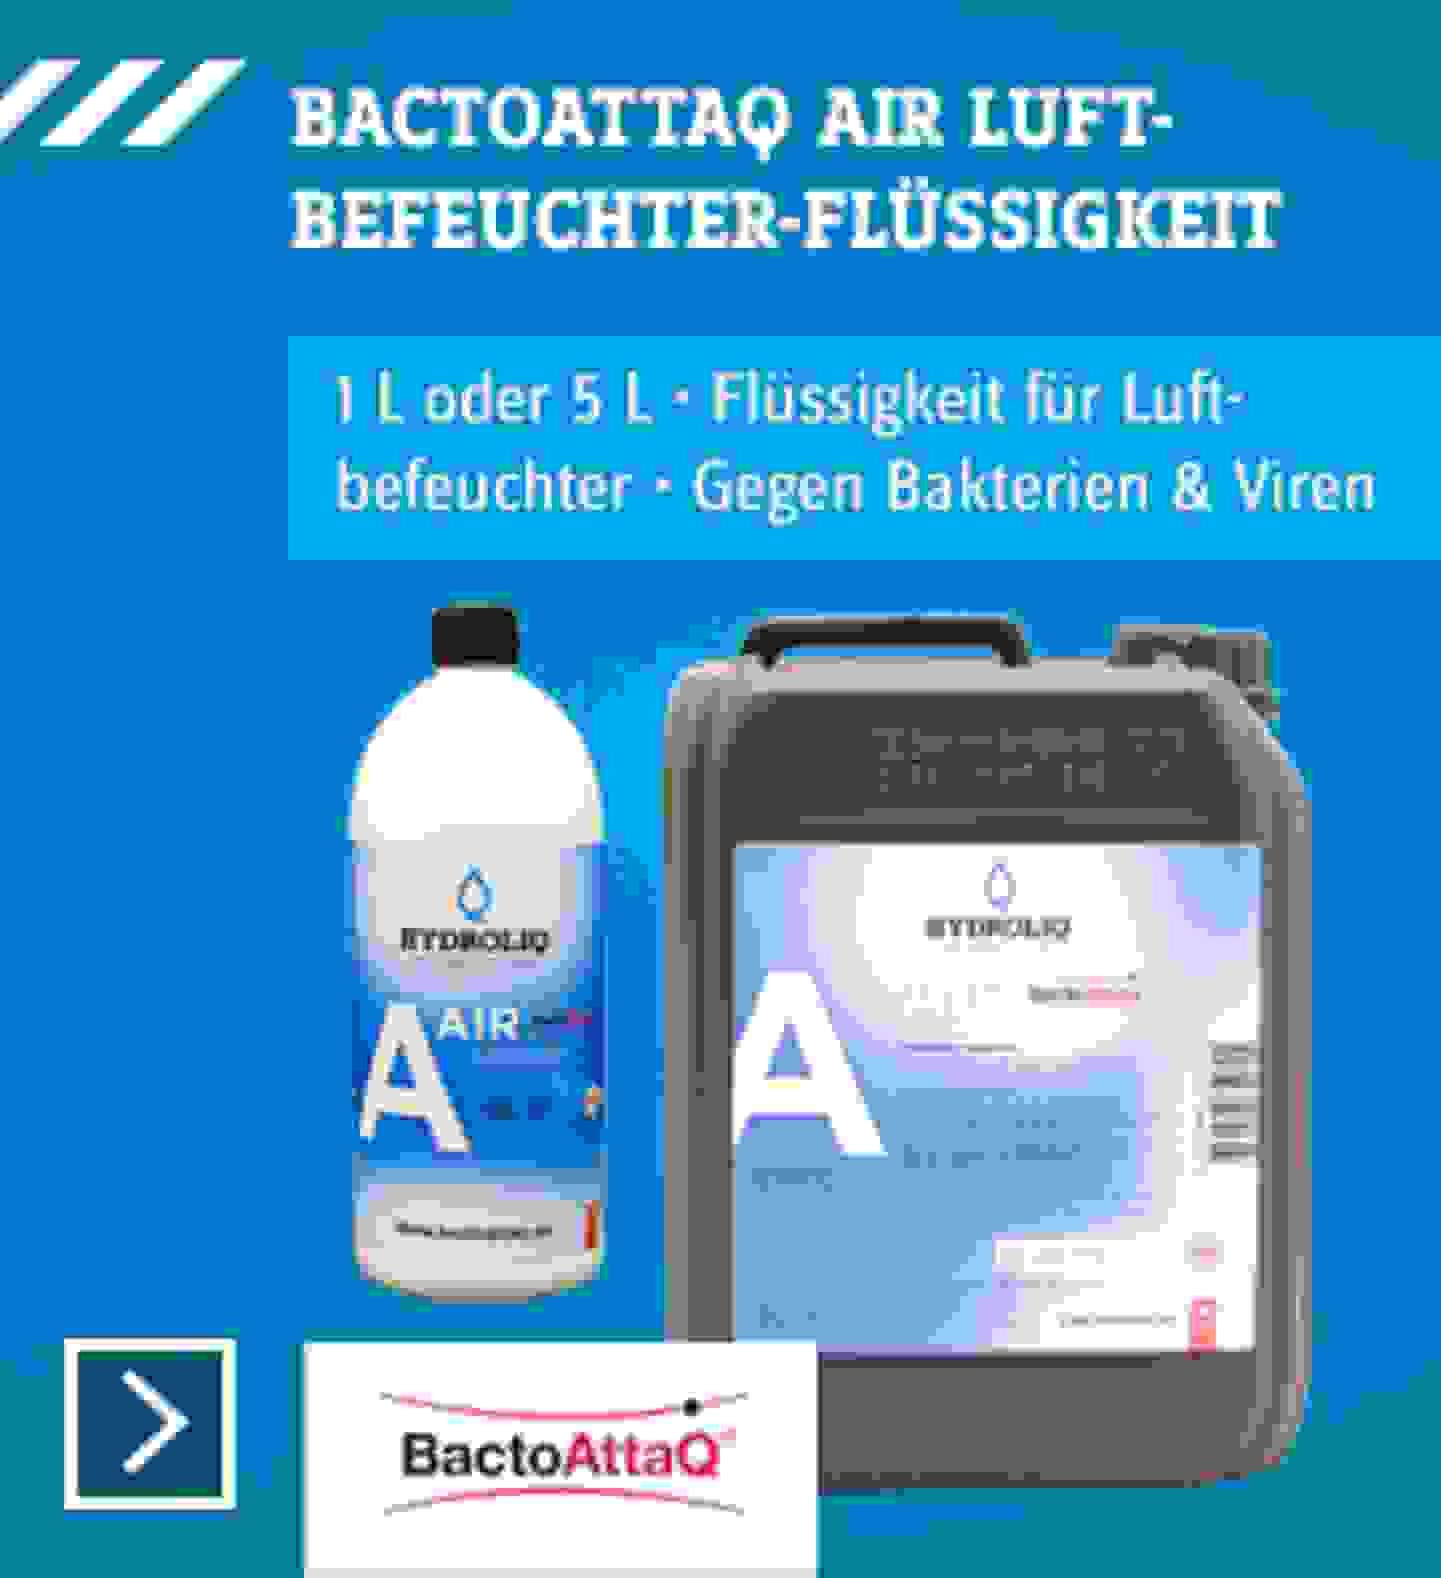 Bactoattaq Luftbebeuchter Flüssigkeit